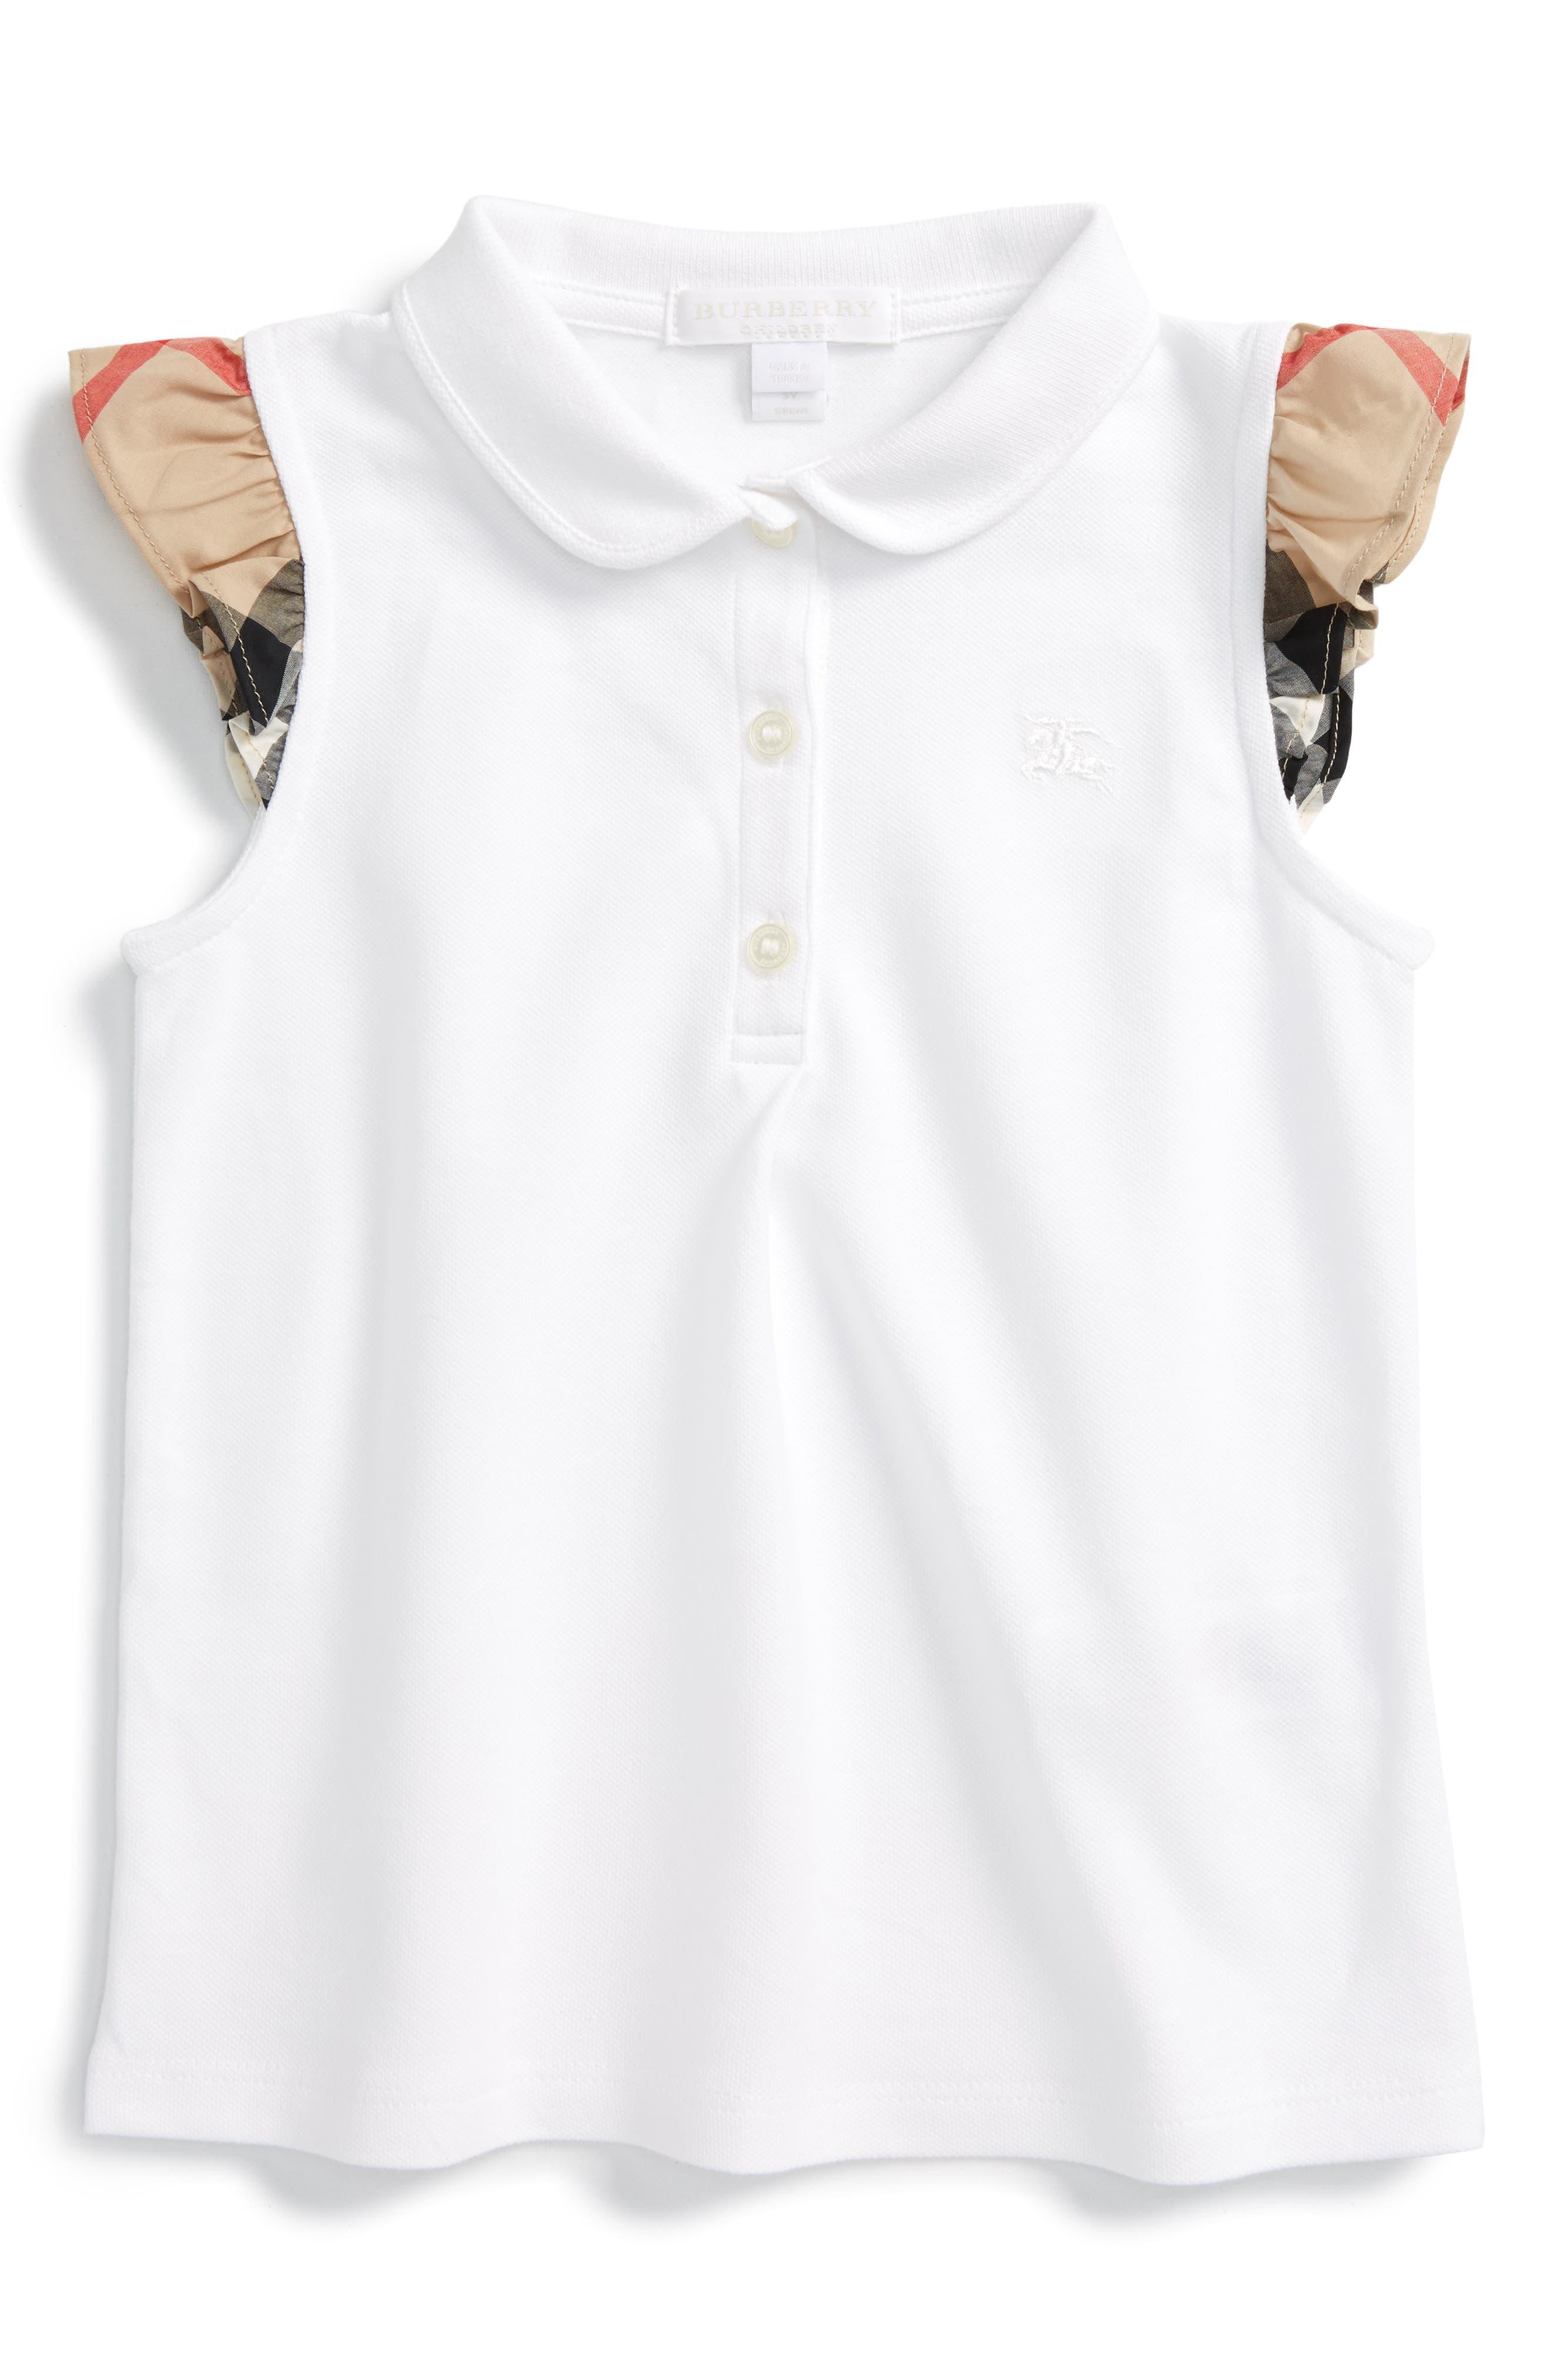 Tia Shirt,                         Main,                         color, 100